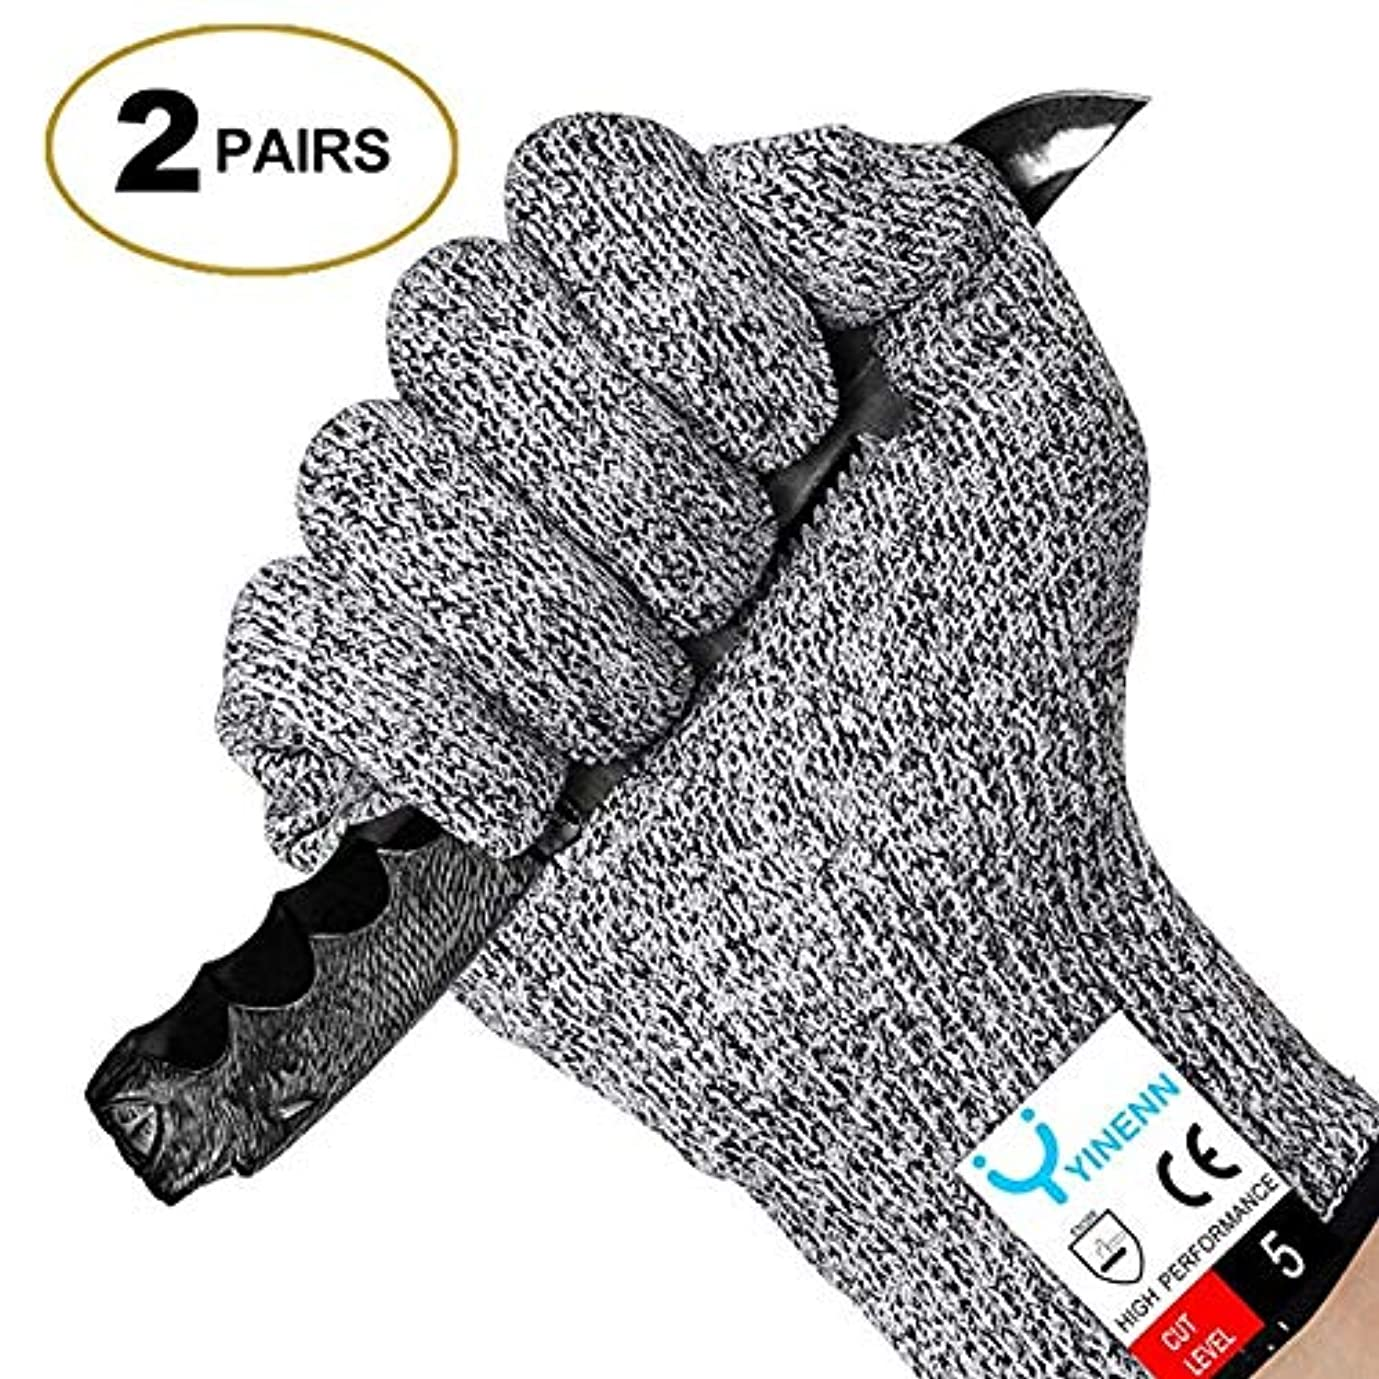 リップ同じ高める2ペア(4つの手袋)カット性手袋食品グレードレベル5手の保護、オイスターShucking、魚フィレ加工用キッチンカット手袋,L